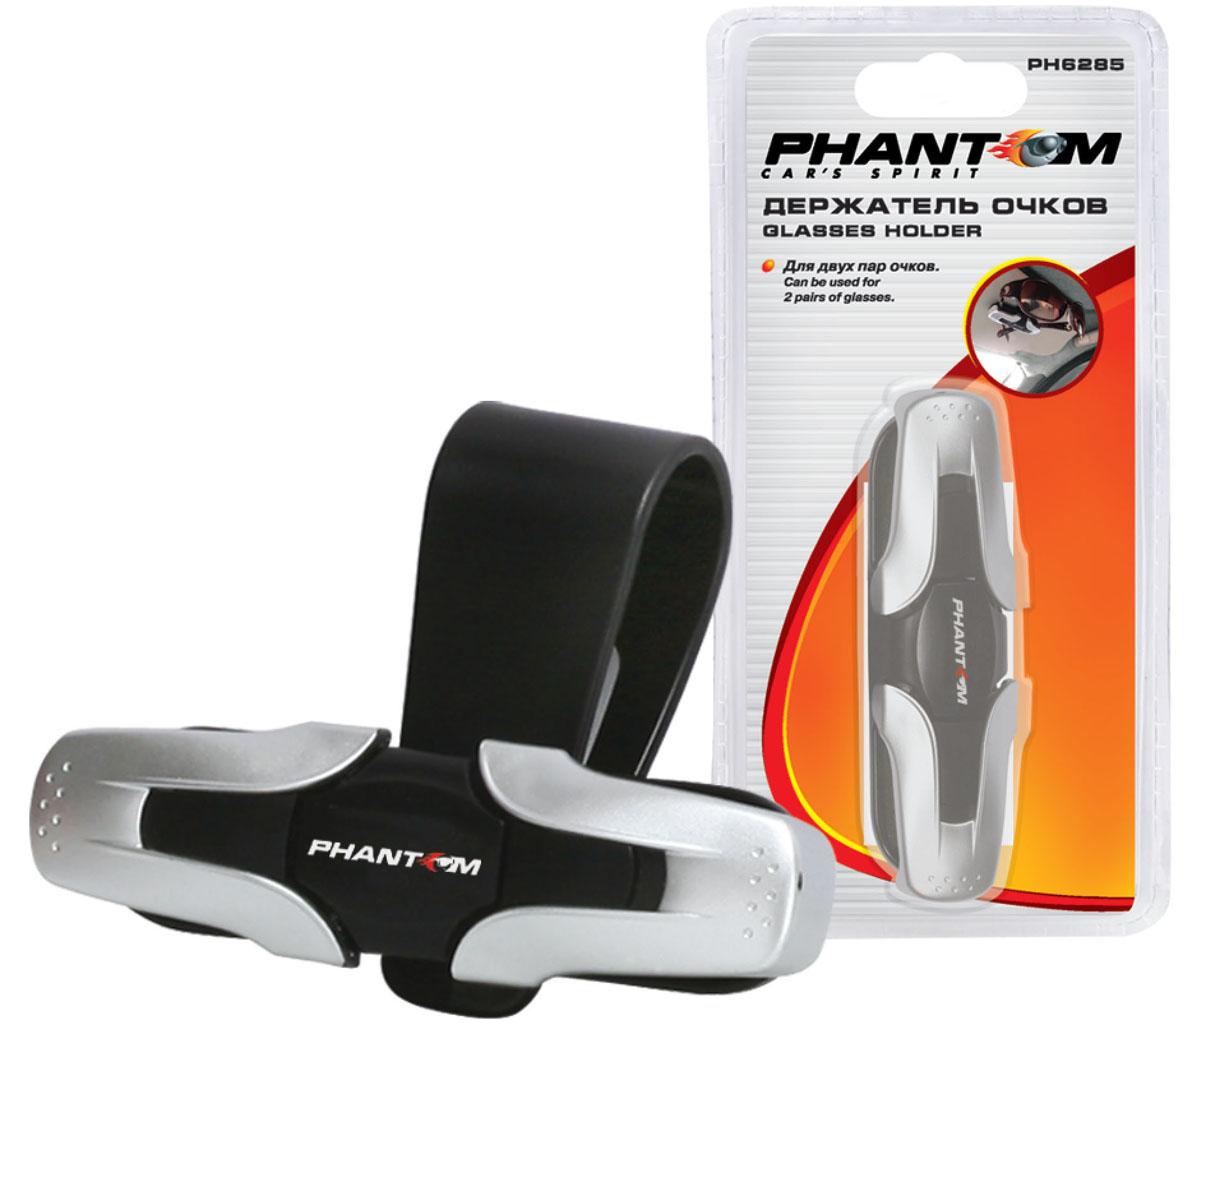 Держатель очков Phantom, цвет: черный, серебряный, 2 пары держатель очков автомобильный оранжевый слоник цвет красный